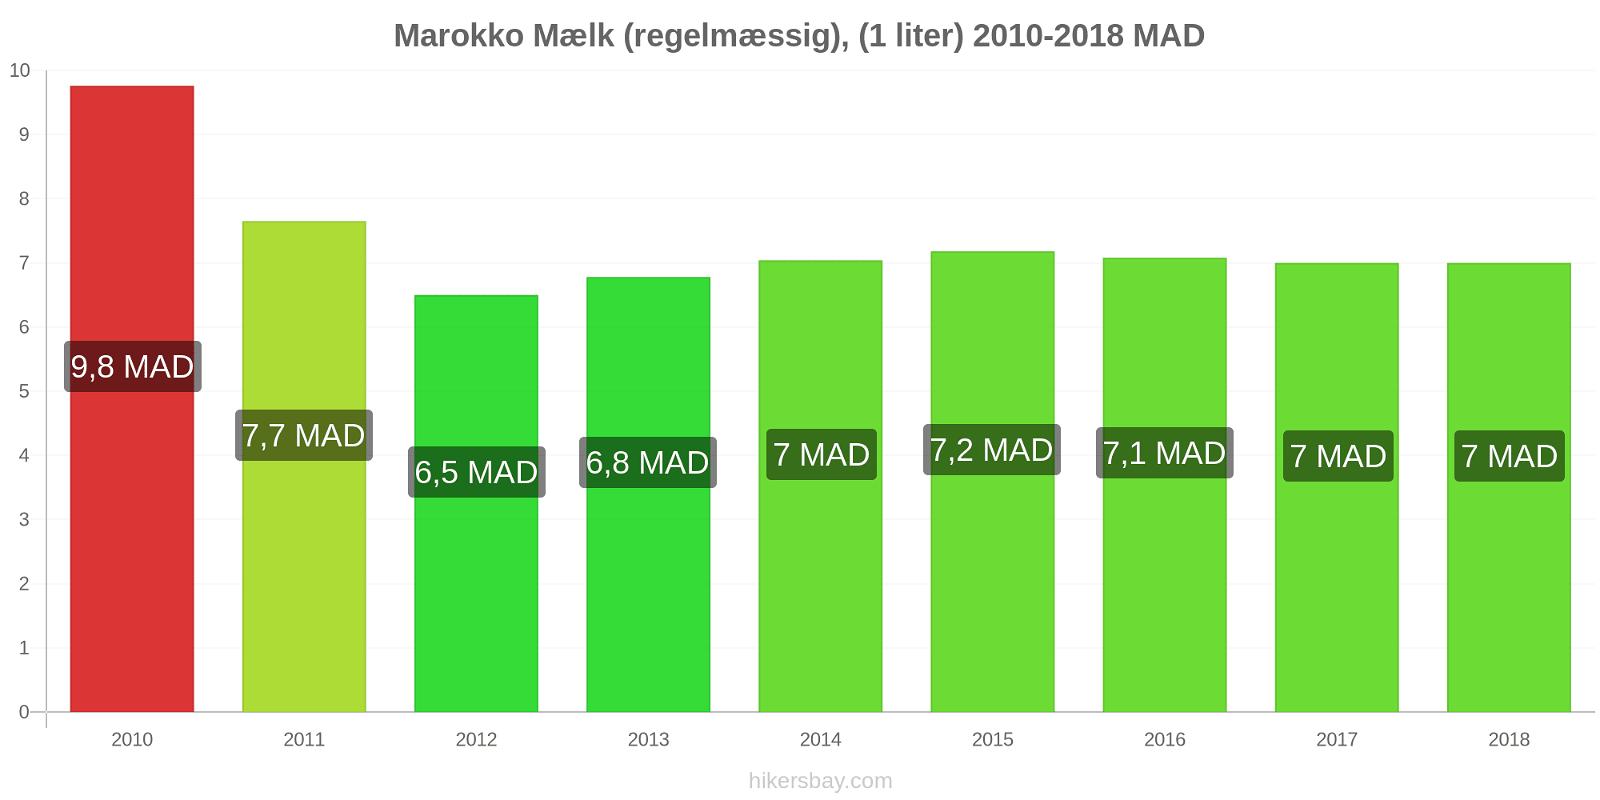 Marokko prisændringer Mælk (regelmæssig), (1 liter) hikersbay.com